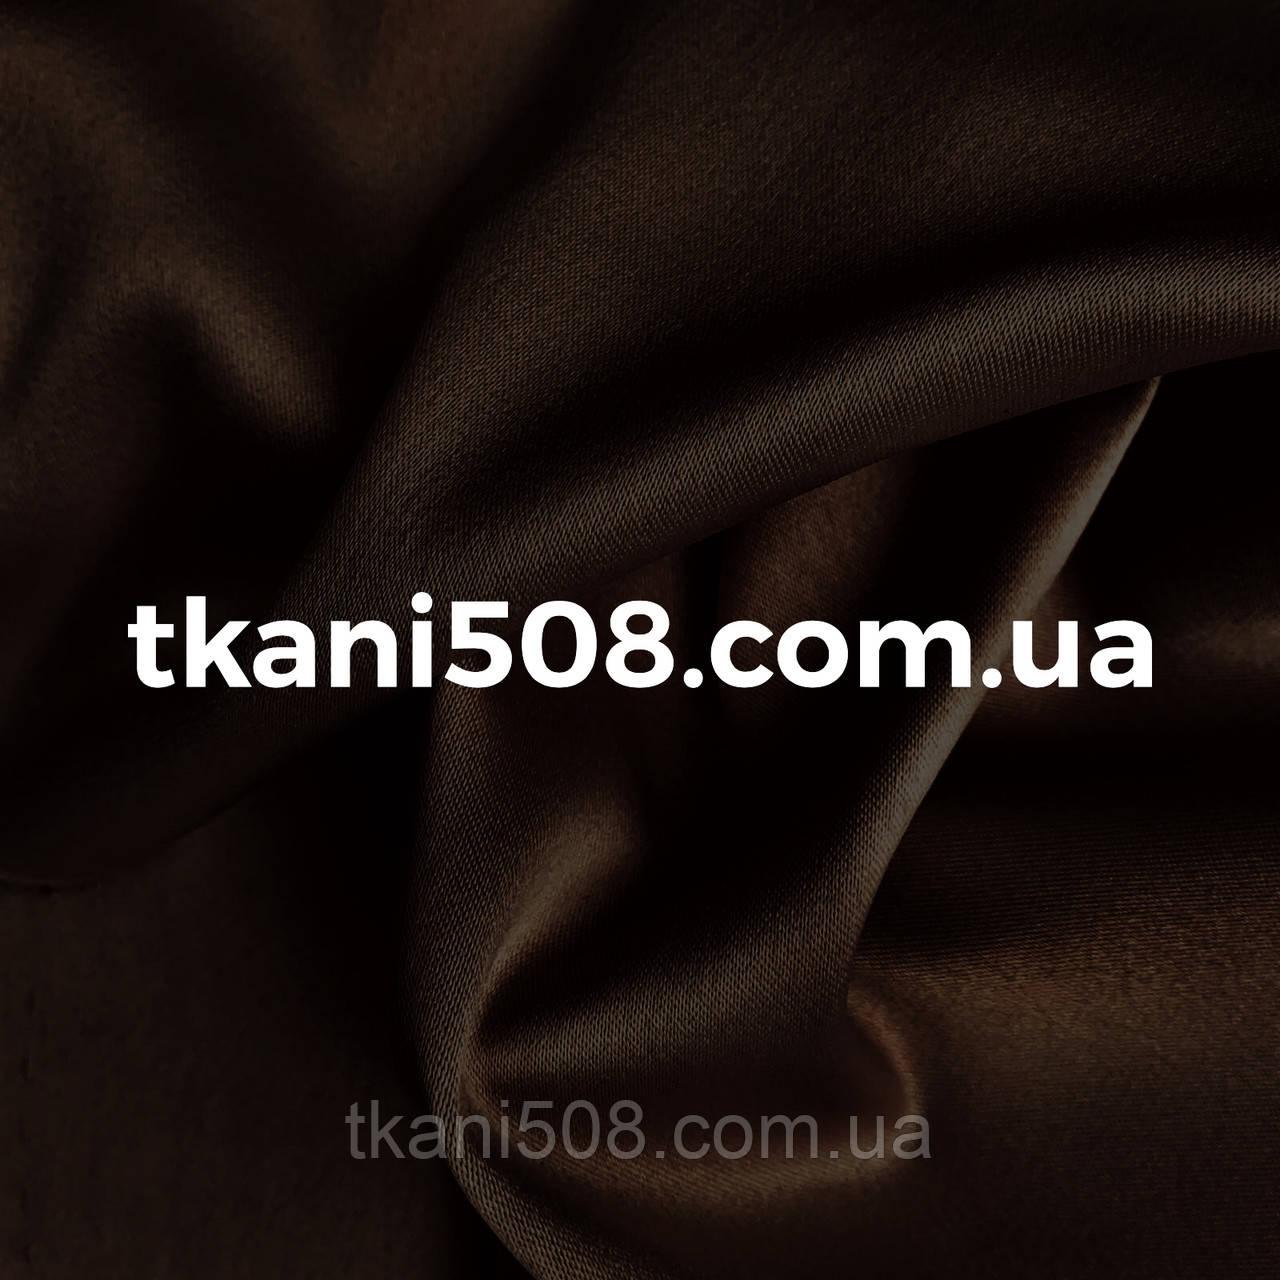 Королівський Атлас Шоколад